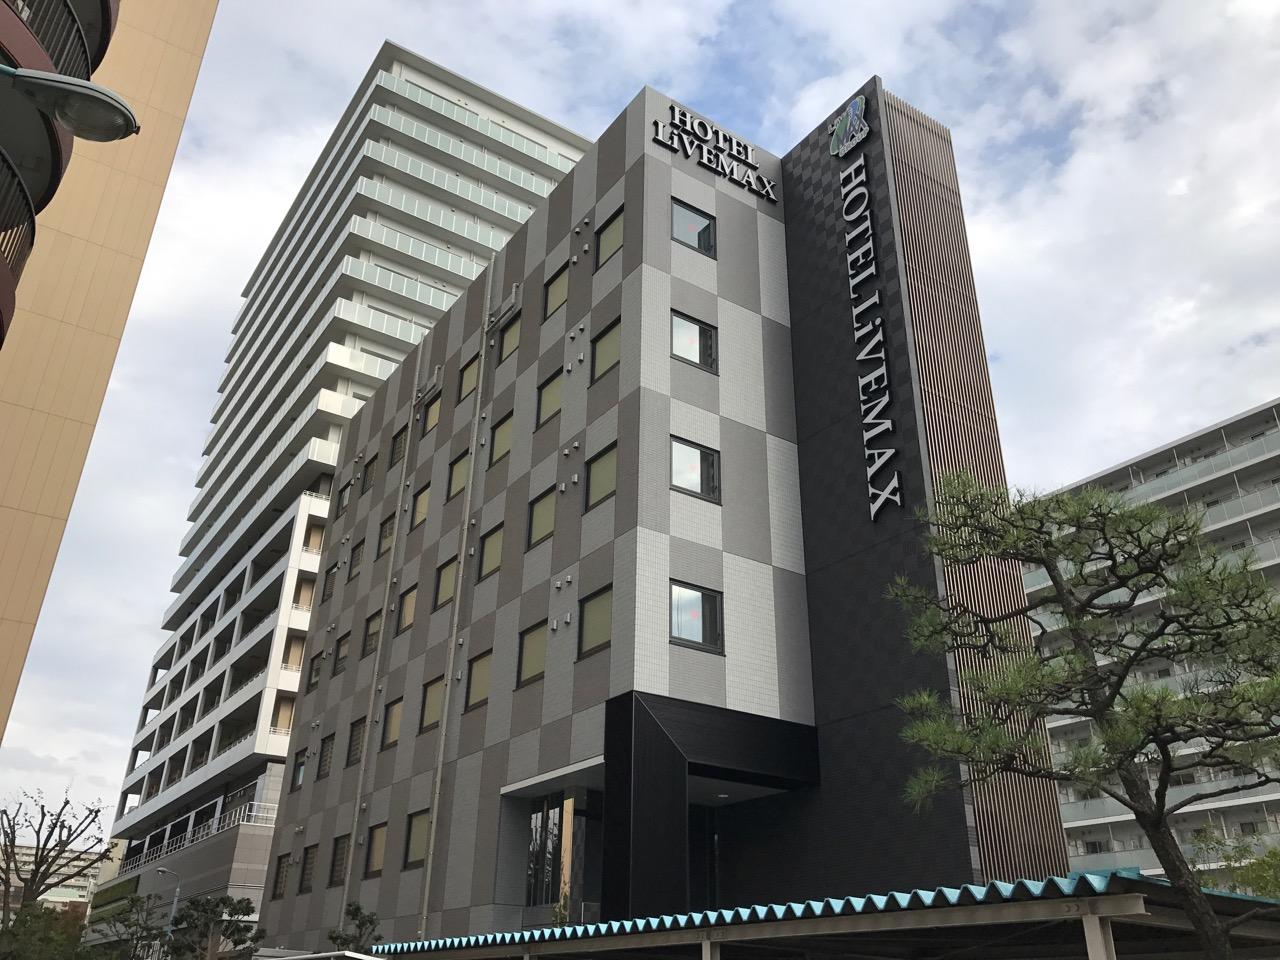 ホテル「リブ・マックス豊洲駅前」がオープンしました!初日の宿泊状況は?